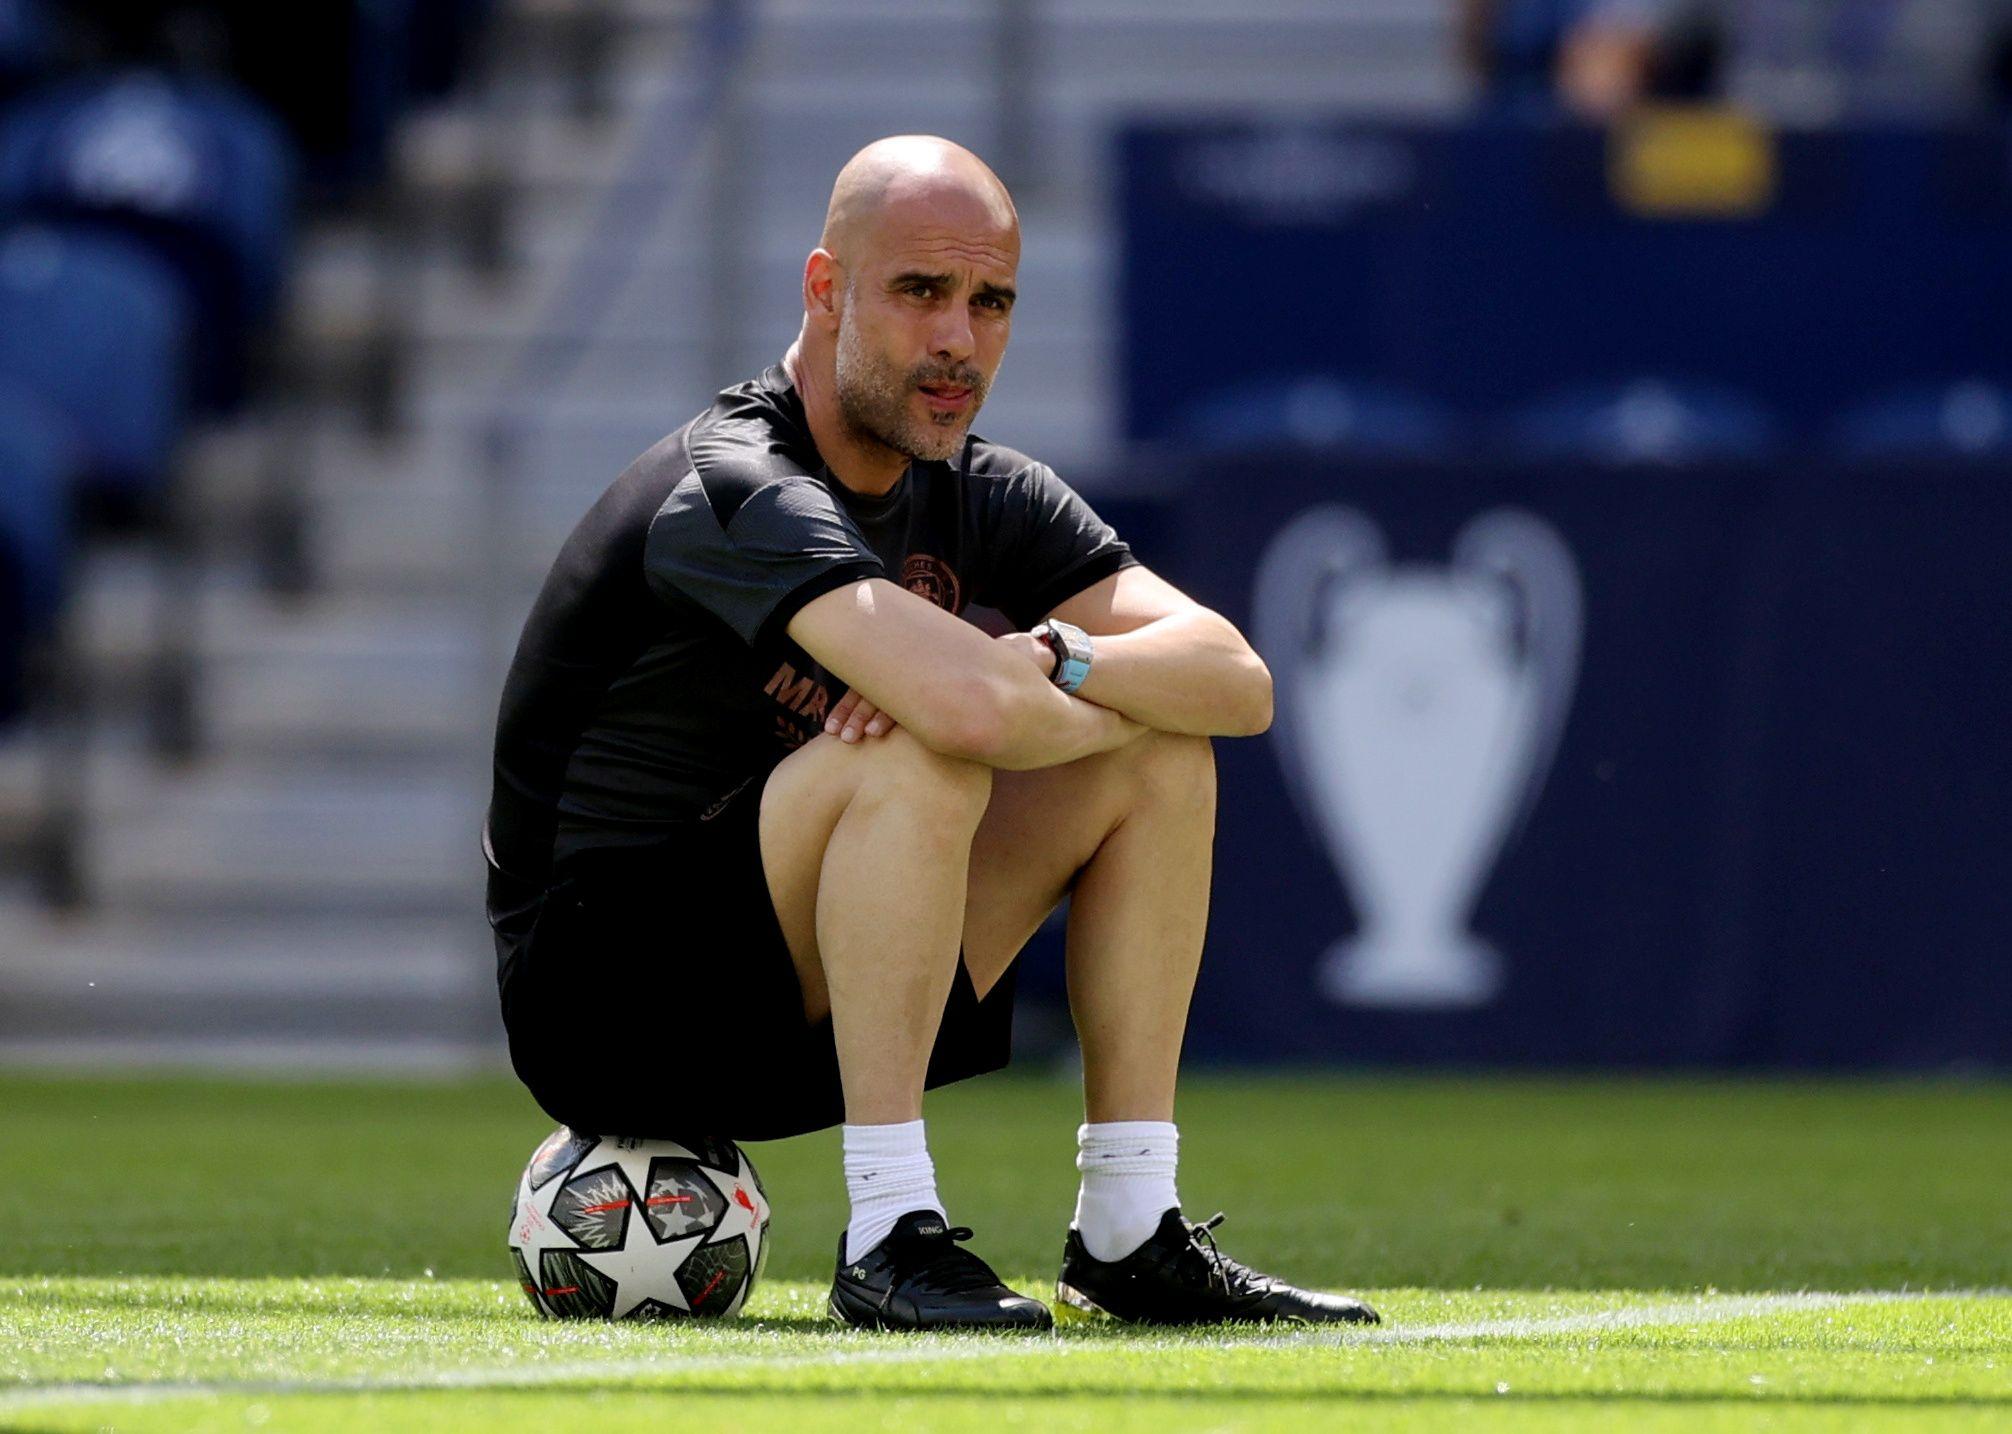 Pep Guardiola tiene contrato hasta 2023 con el Manchester City, por lo que aún tiene tiempo para ganar la Champions League con el elenco inglés (Reuters)